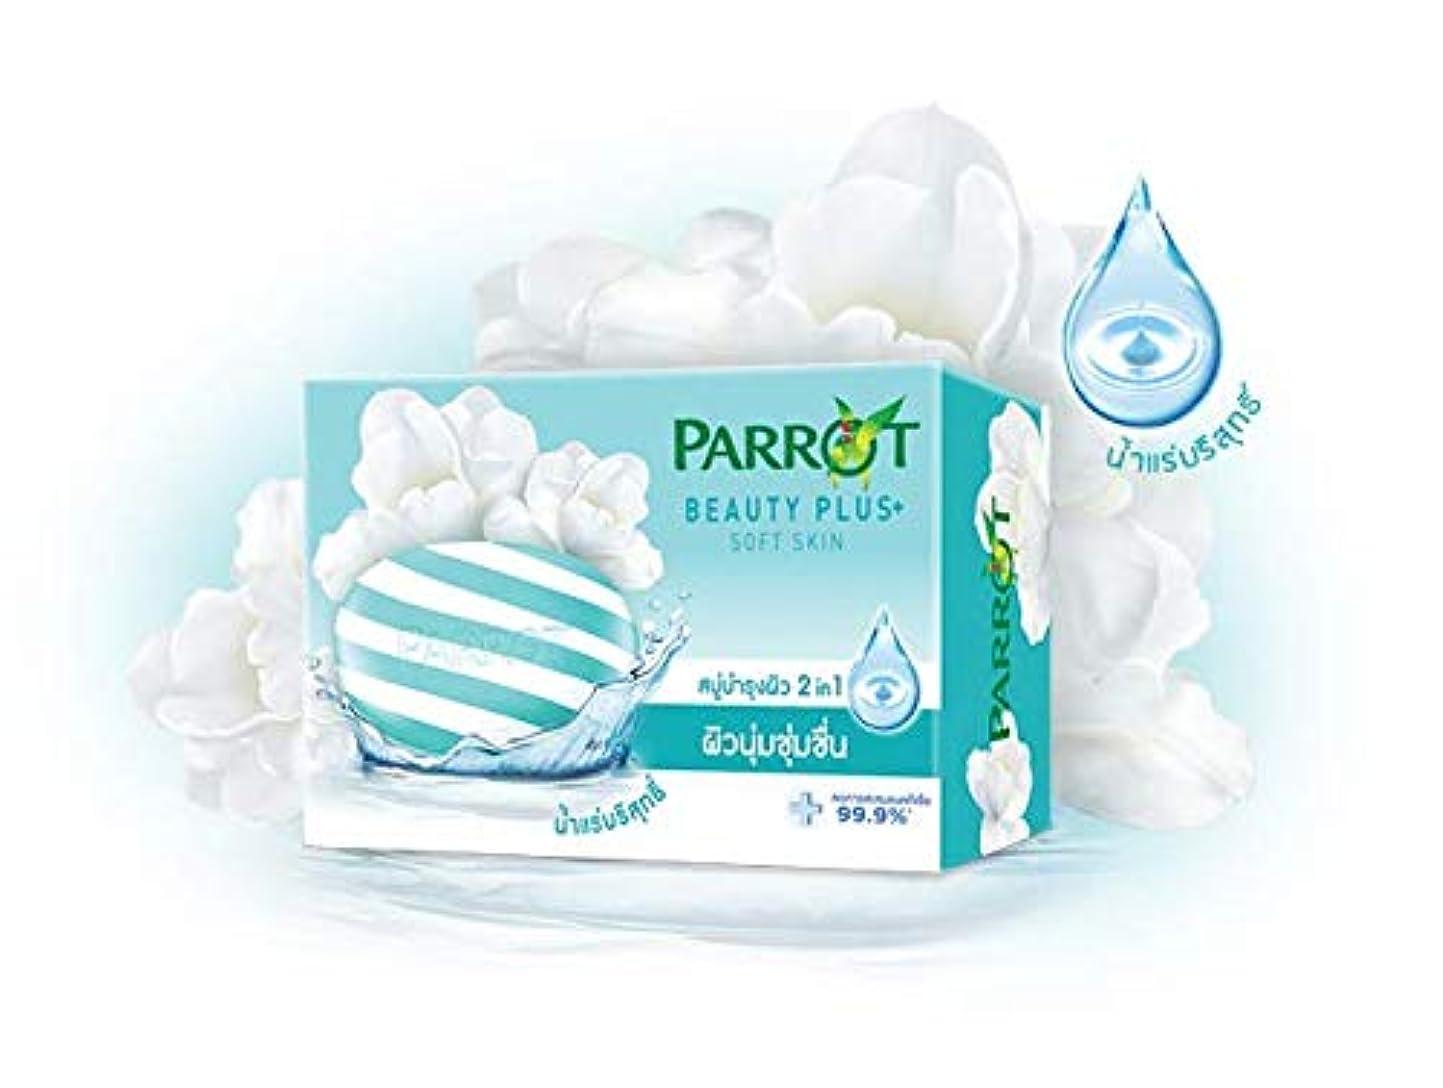 電話に出る仕事に行くスポーツマンParrot Soap Reduce 99.9% bacteria accumulation Beauty Plus Sofe Skin (95 g x 4)